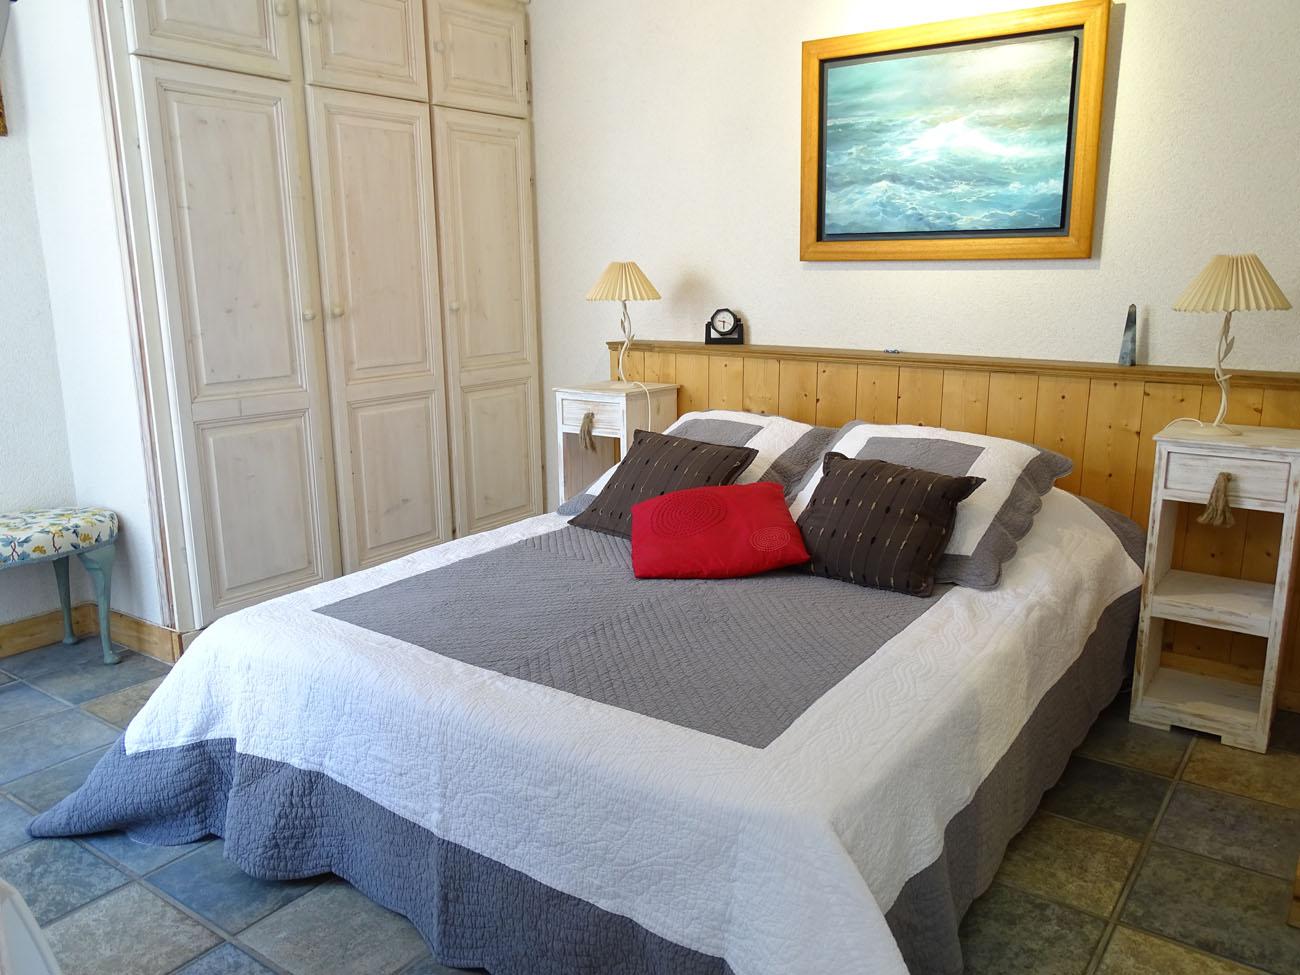 Location Maison Ile de Ré - Etrille - Chambre 1